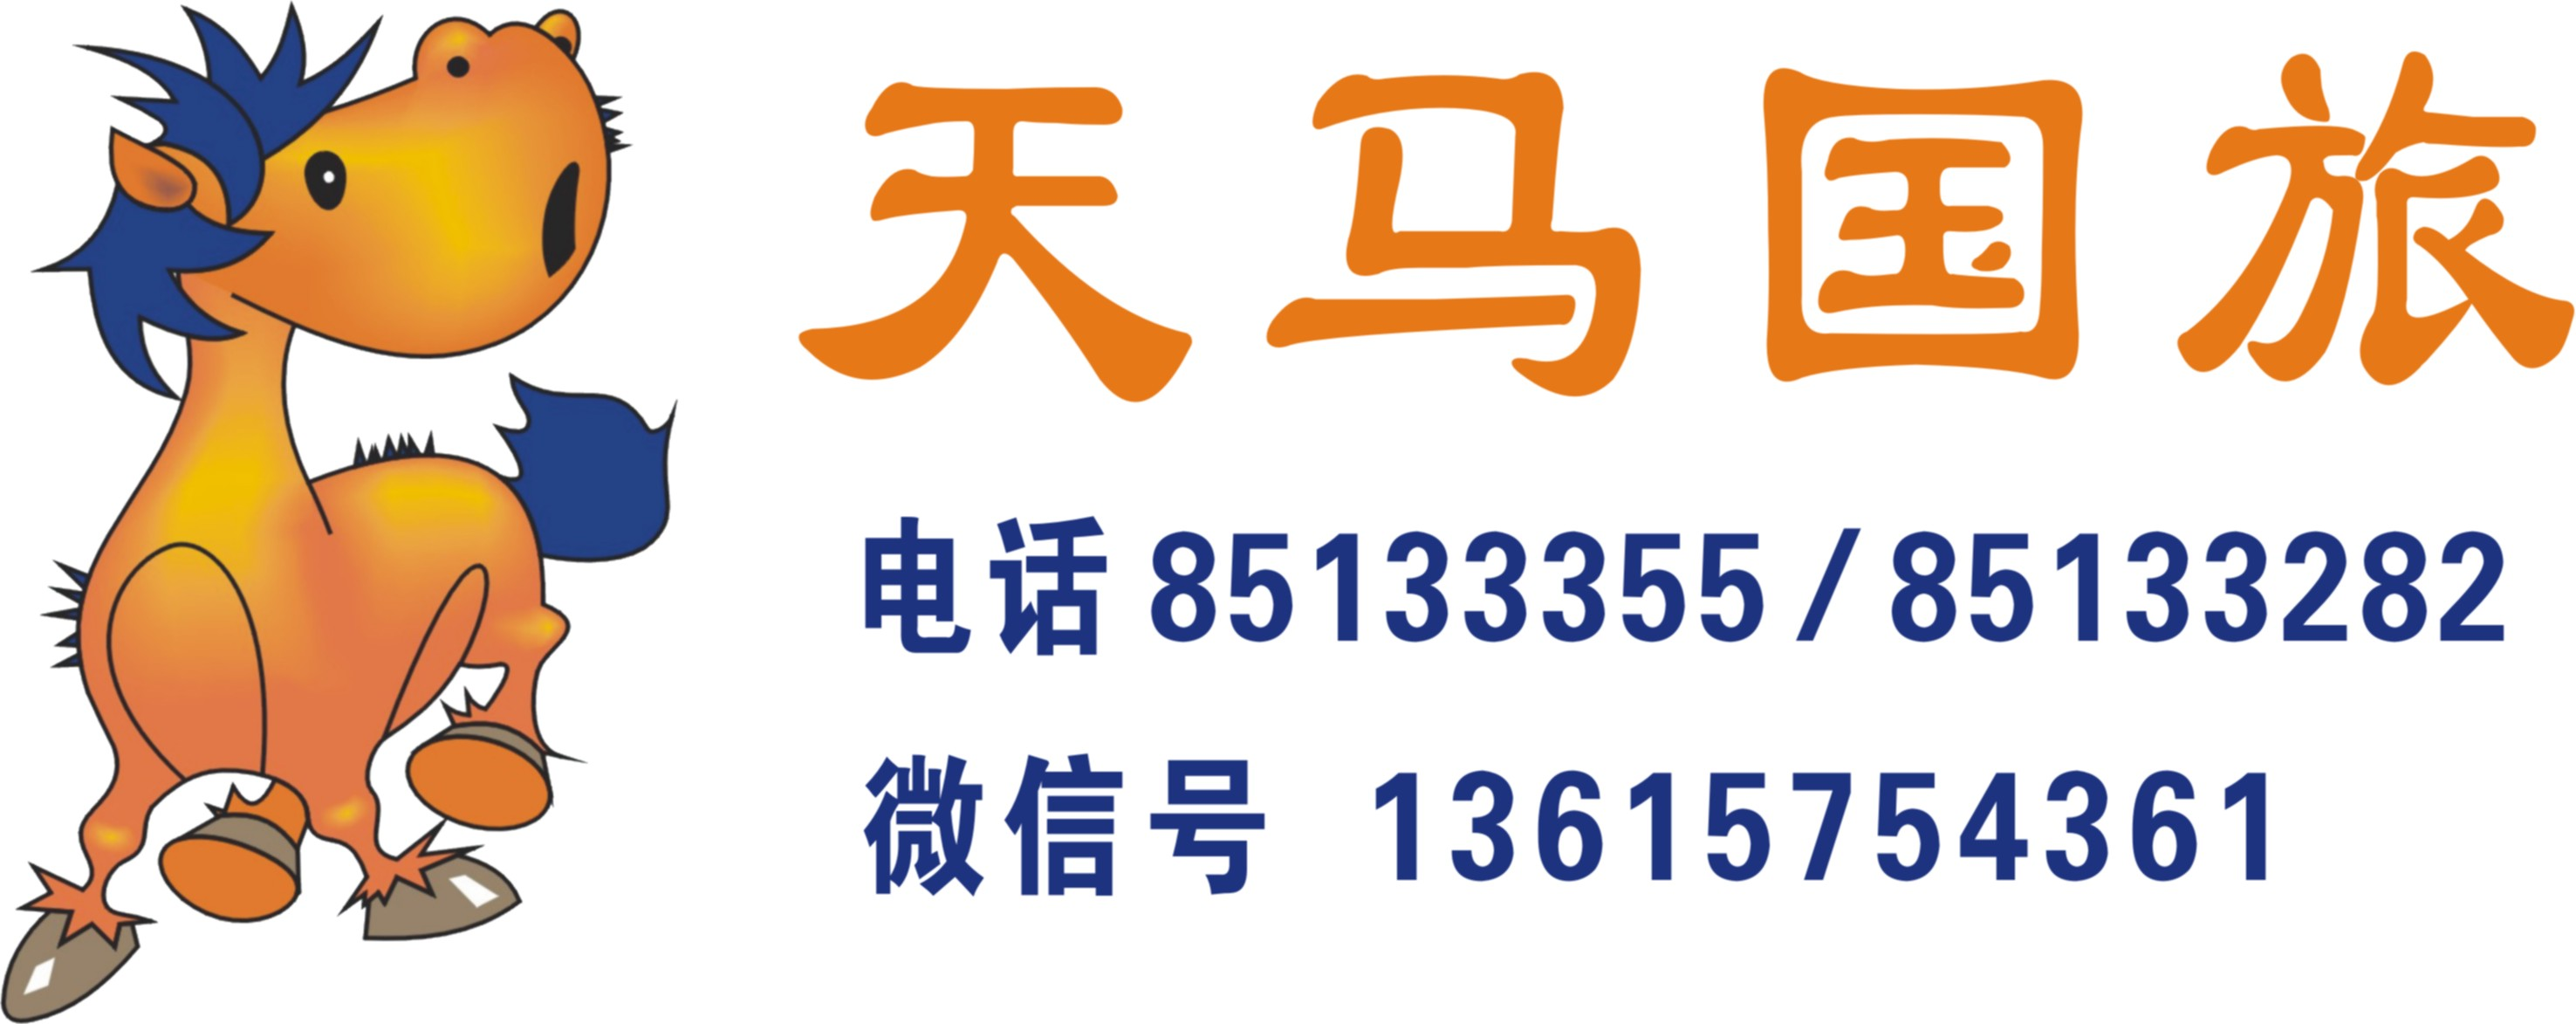 6.29【常州中华恐龙园High翻畅玩二次入园二日】